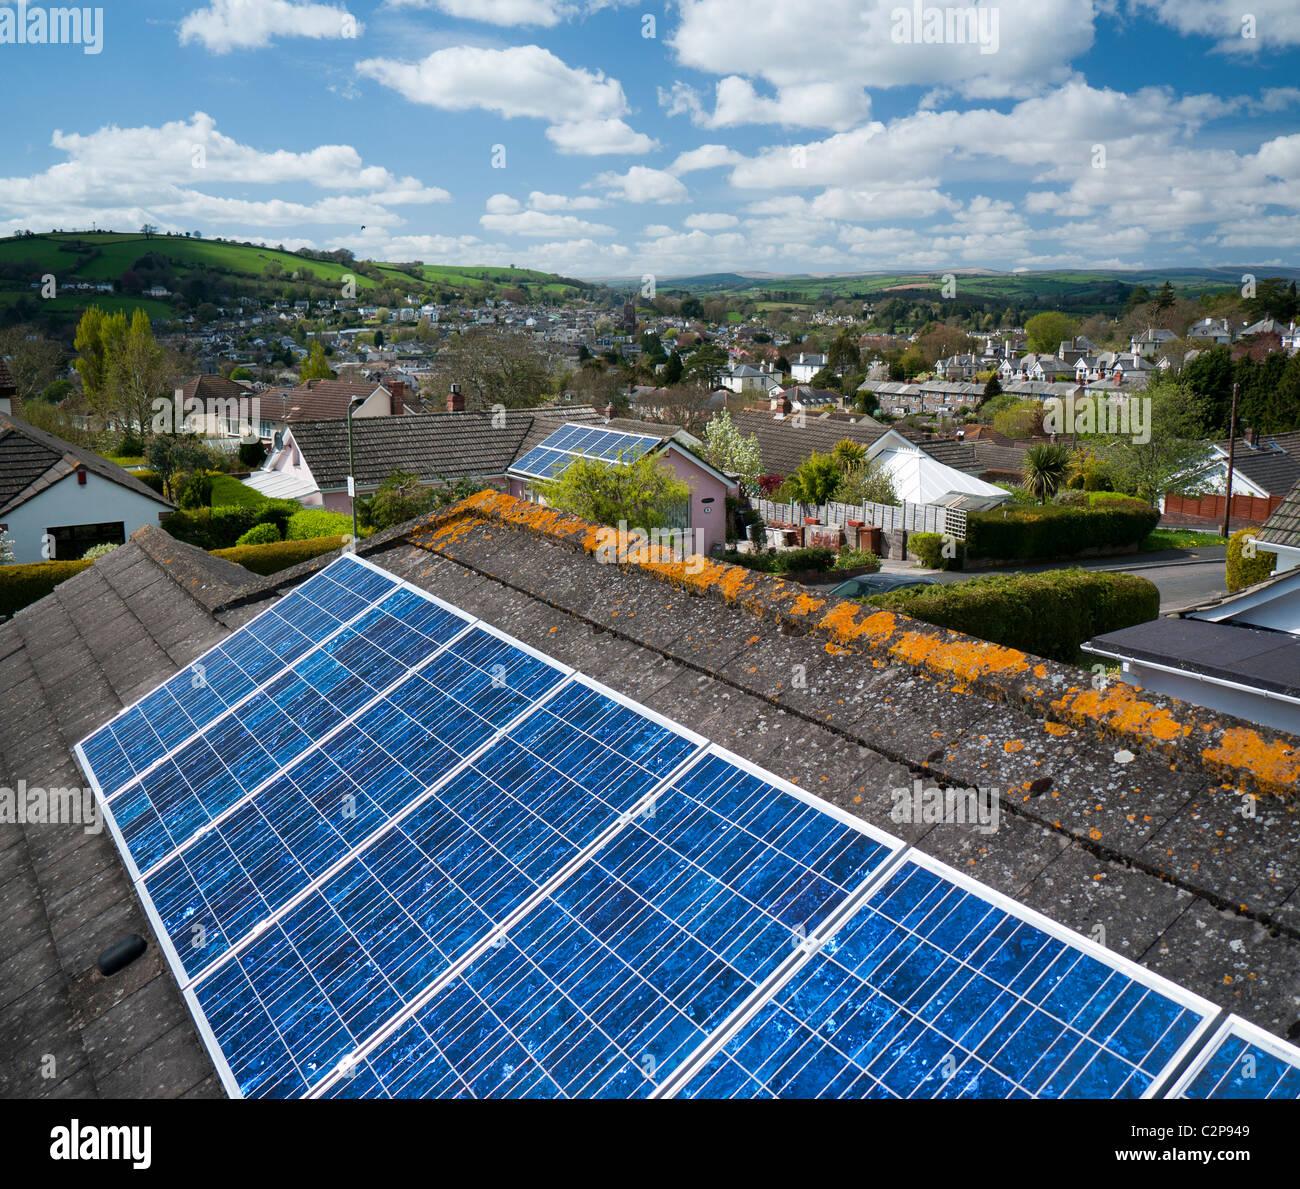 Paneles solares en el tejado de una casa en Totnes Devon UK Imagen De Stock